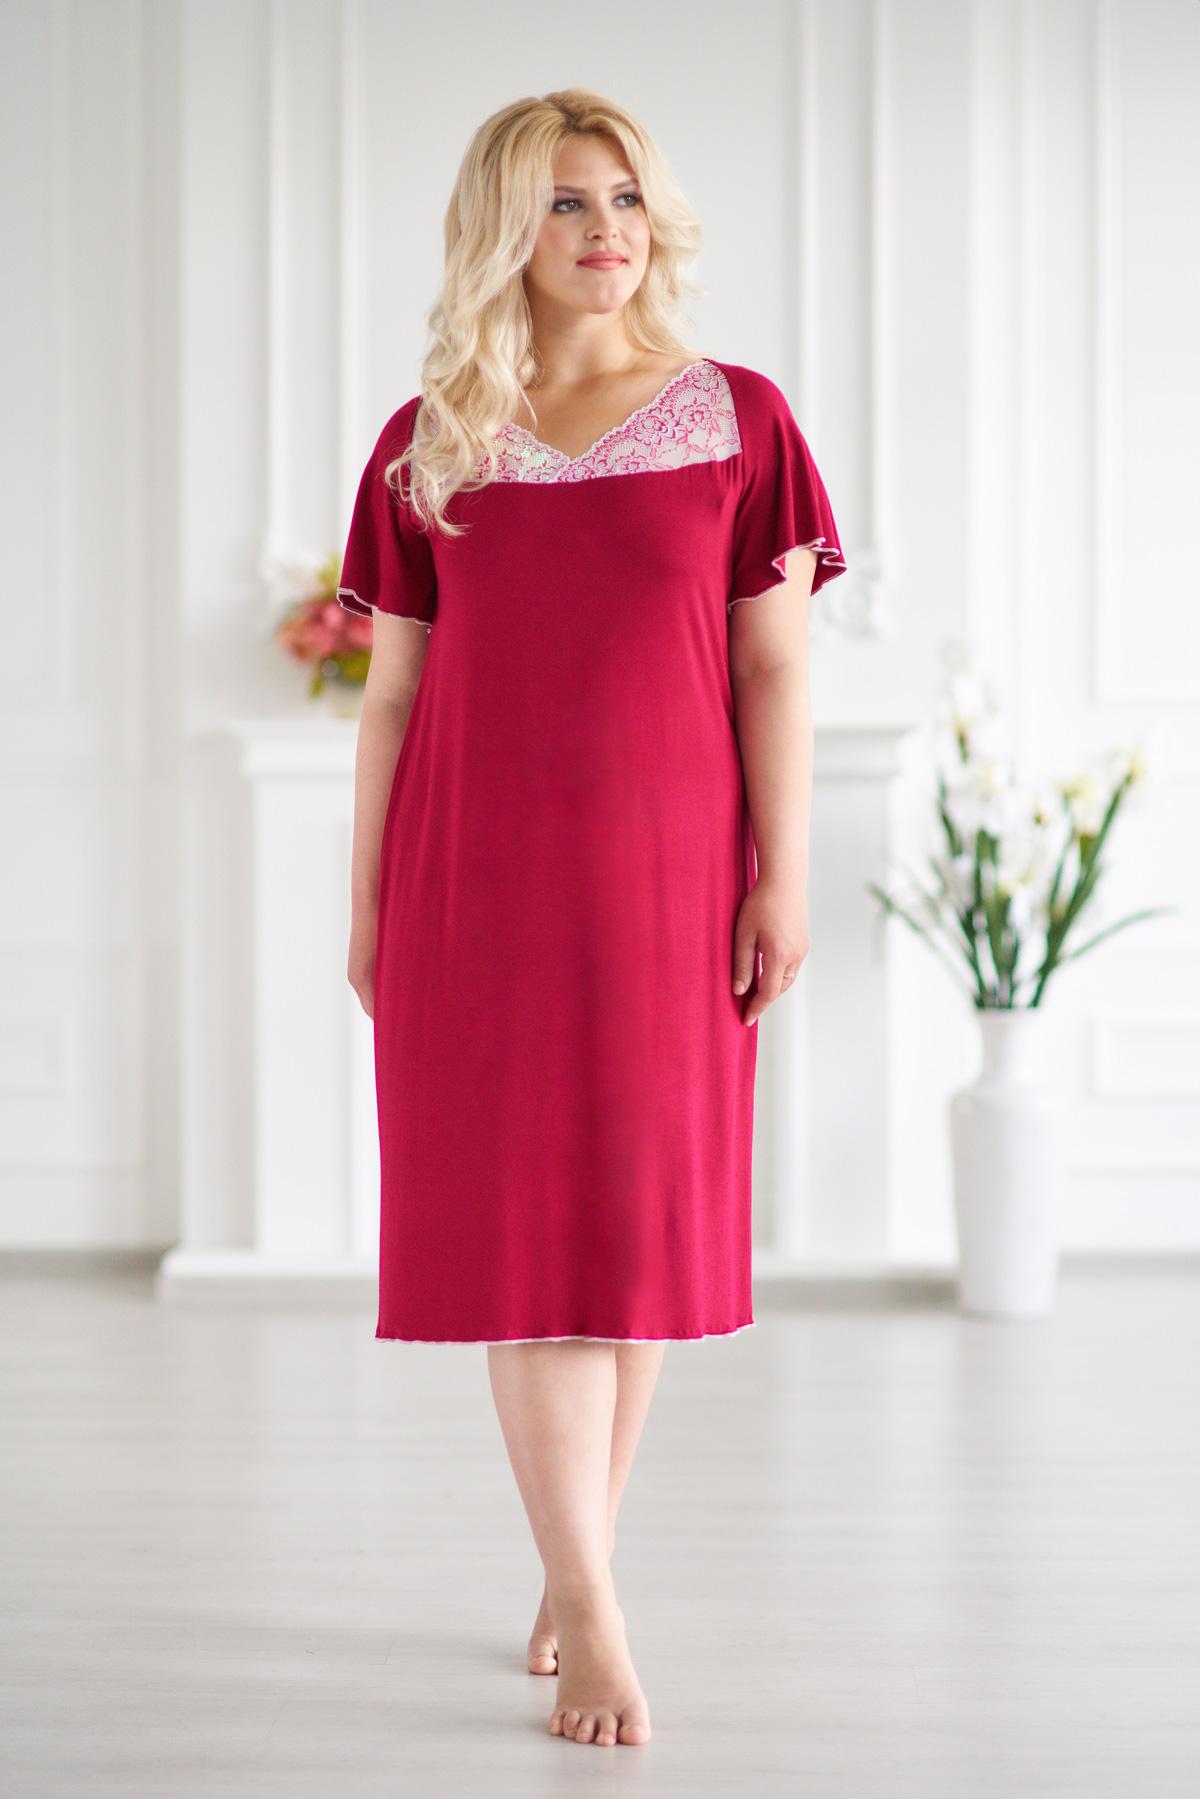 Жен. сорочка арт. 19-0053 Бордо р. 54Ночные сорочки<br>Факт. ОГ: 106 см <br>Факт. ОТ: 108 см <br>Факт. ОБ: 116 см <br>Длина по спинке: 98 см<br><br>Тип: Жен. сорочка<br>Размер: 54<br>Материал: Вискоза